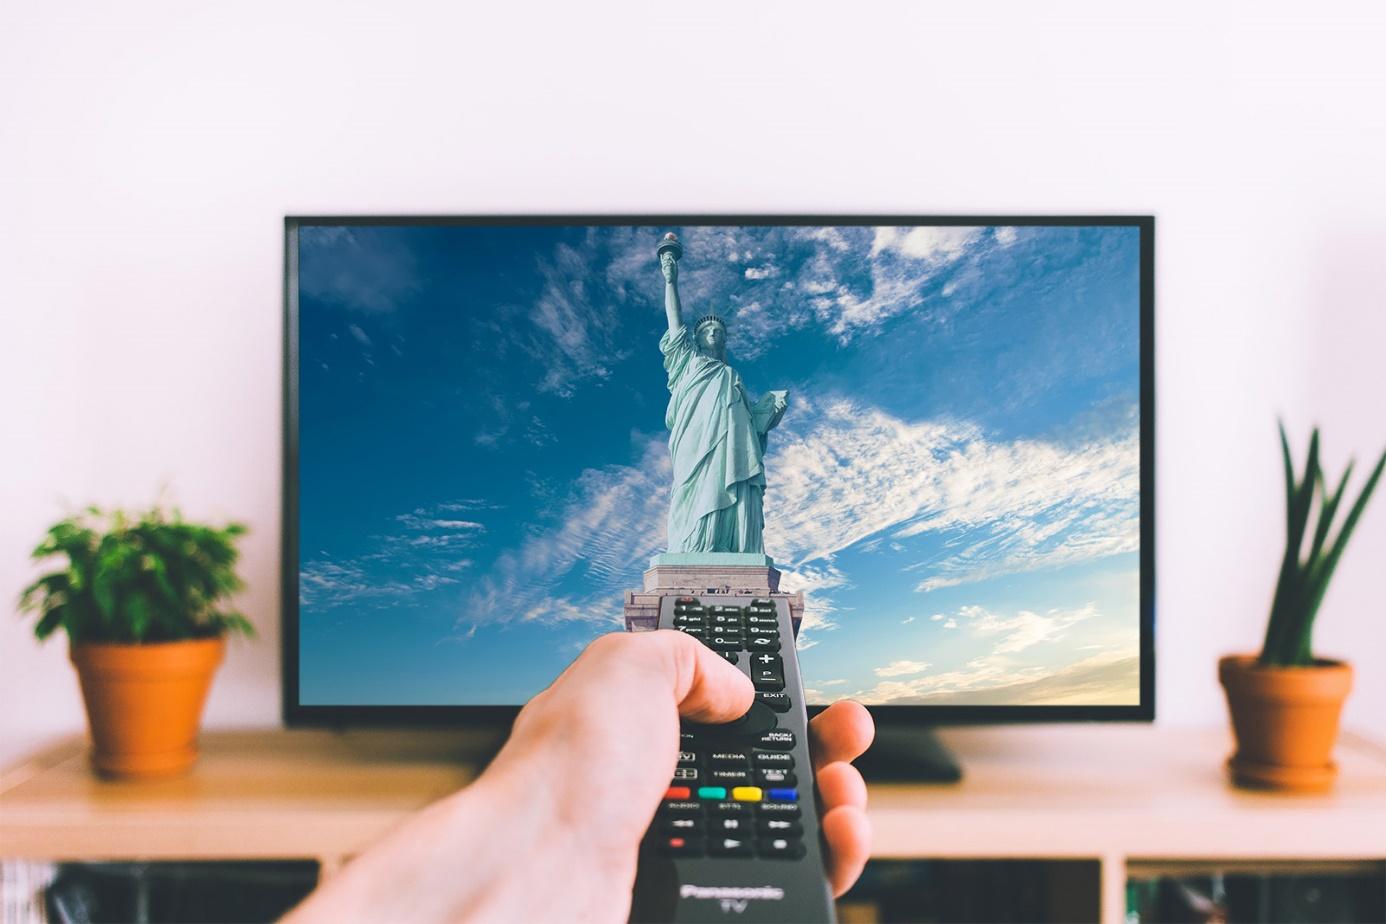 statut de libérté sur la TV